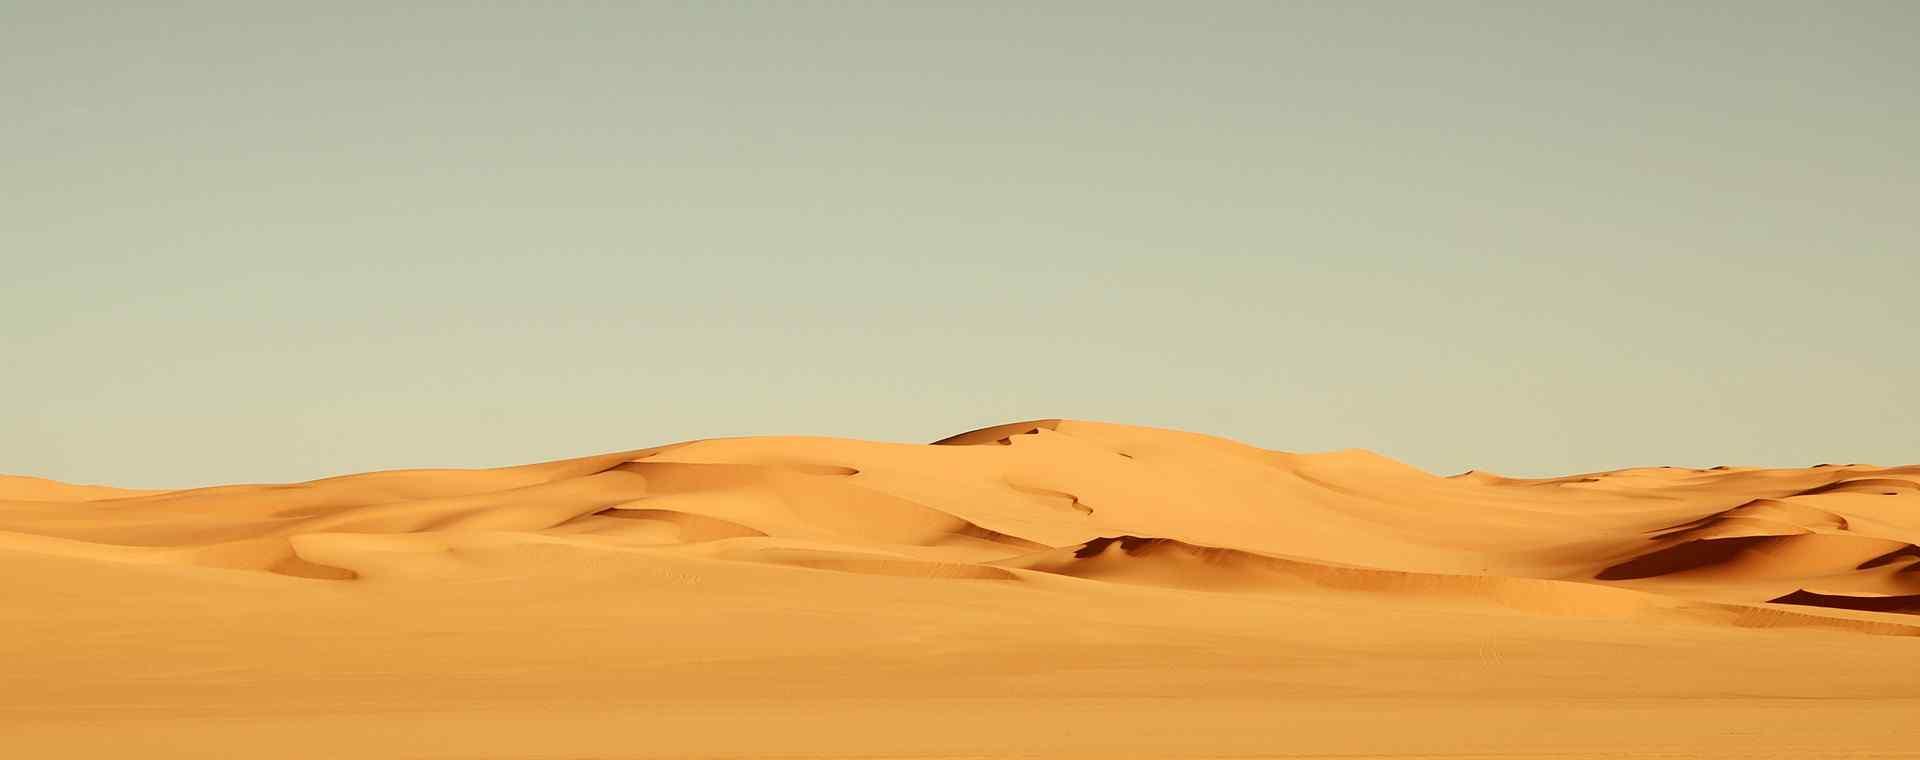 沙漠_撒哈拉沙漠_沙漠之花_巴丹吉林沙漠_沙漠壁纸_沙漠高清图片大全